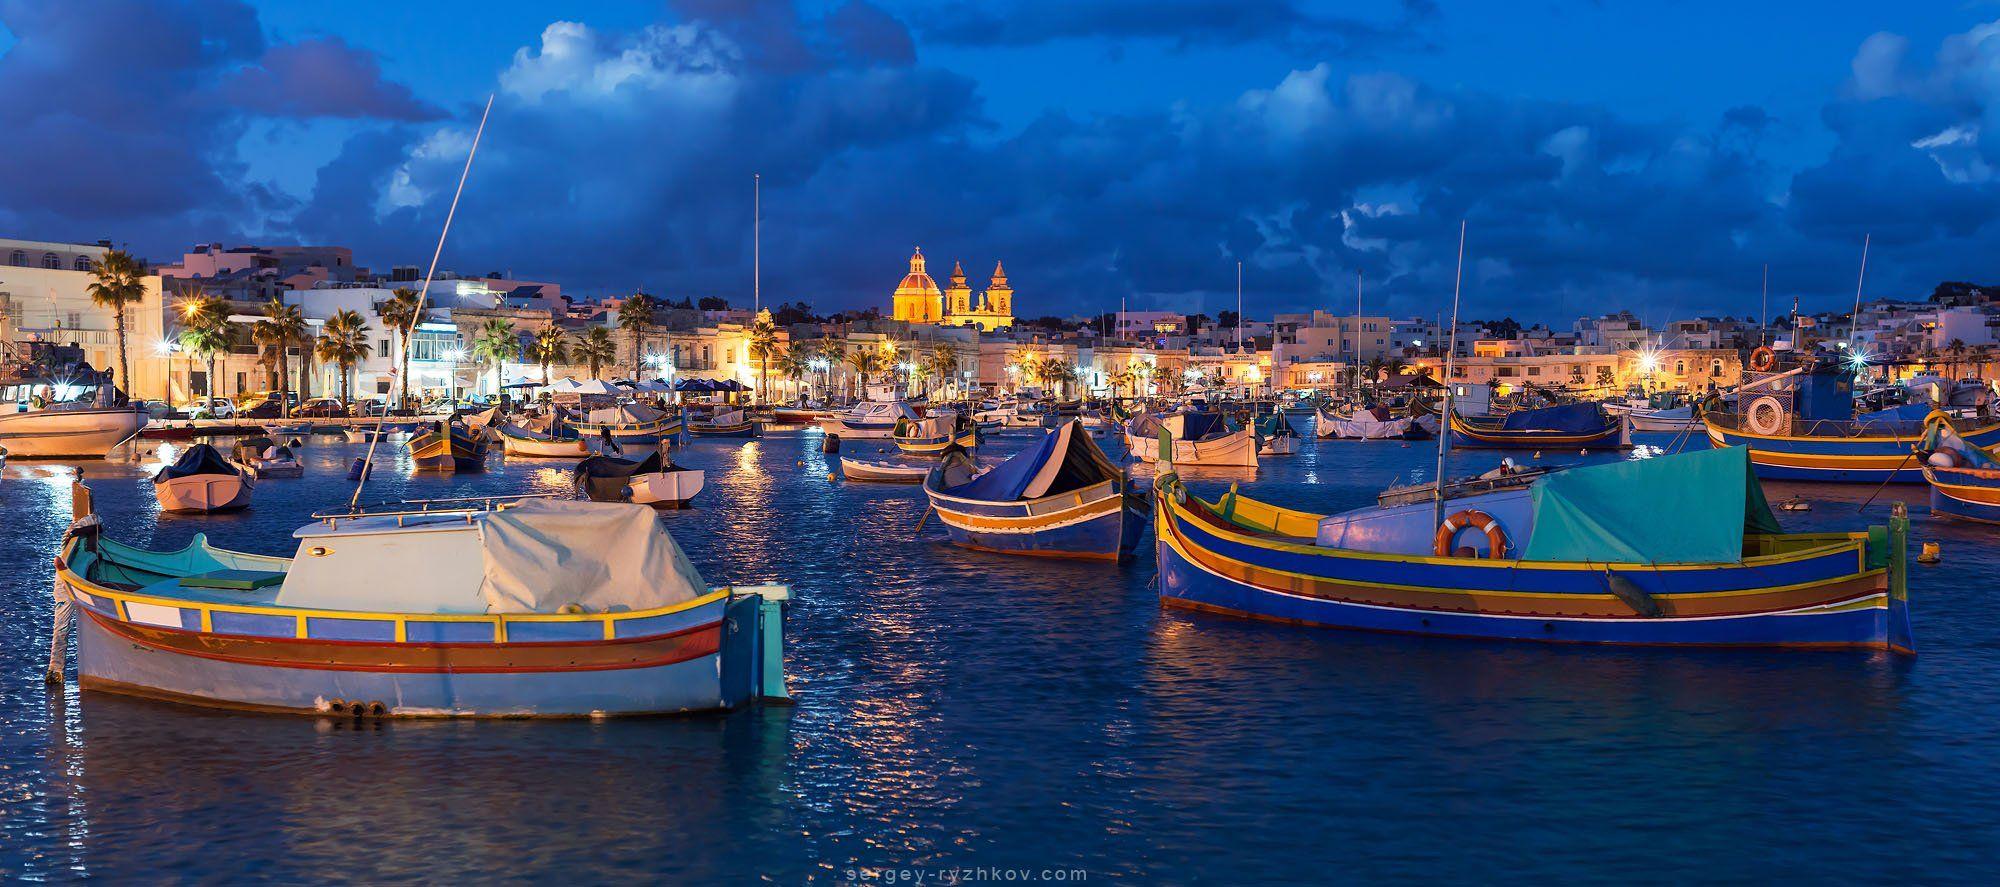 мальта, марсашлокк, лодки, средиземное море, луццу, европа, путушествия, Сергей Рыжков